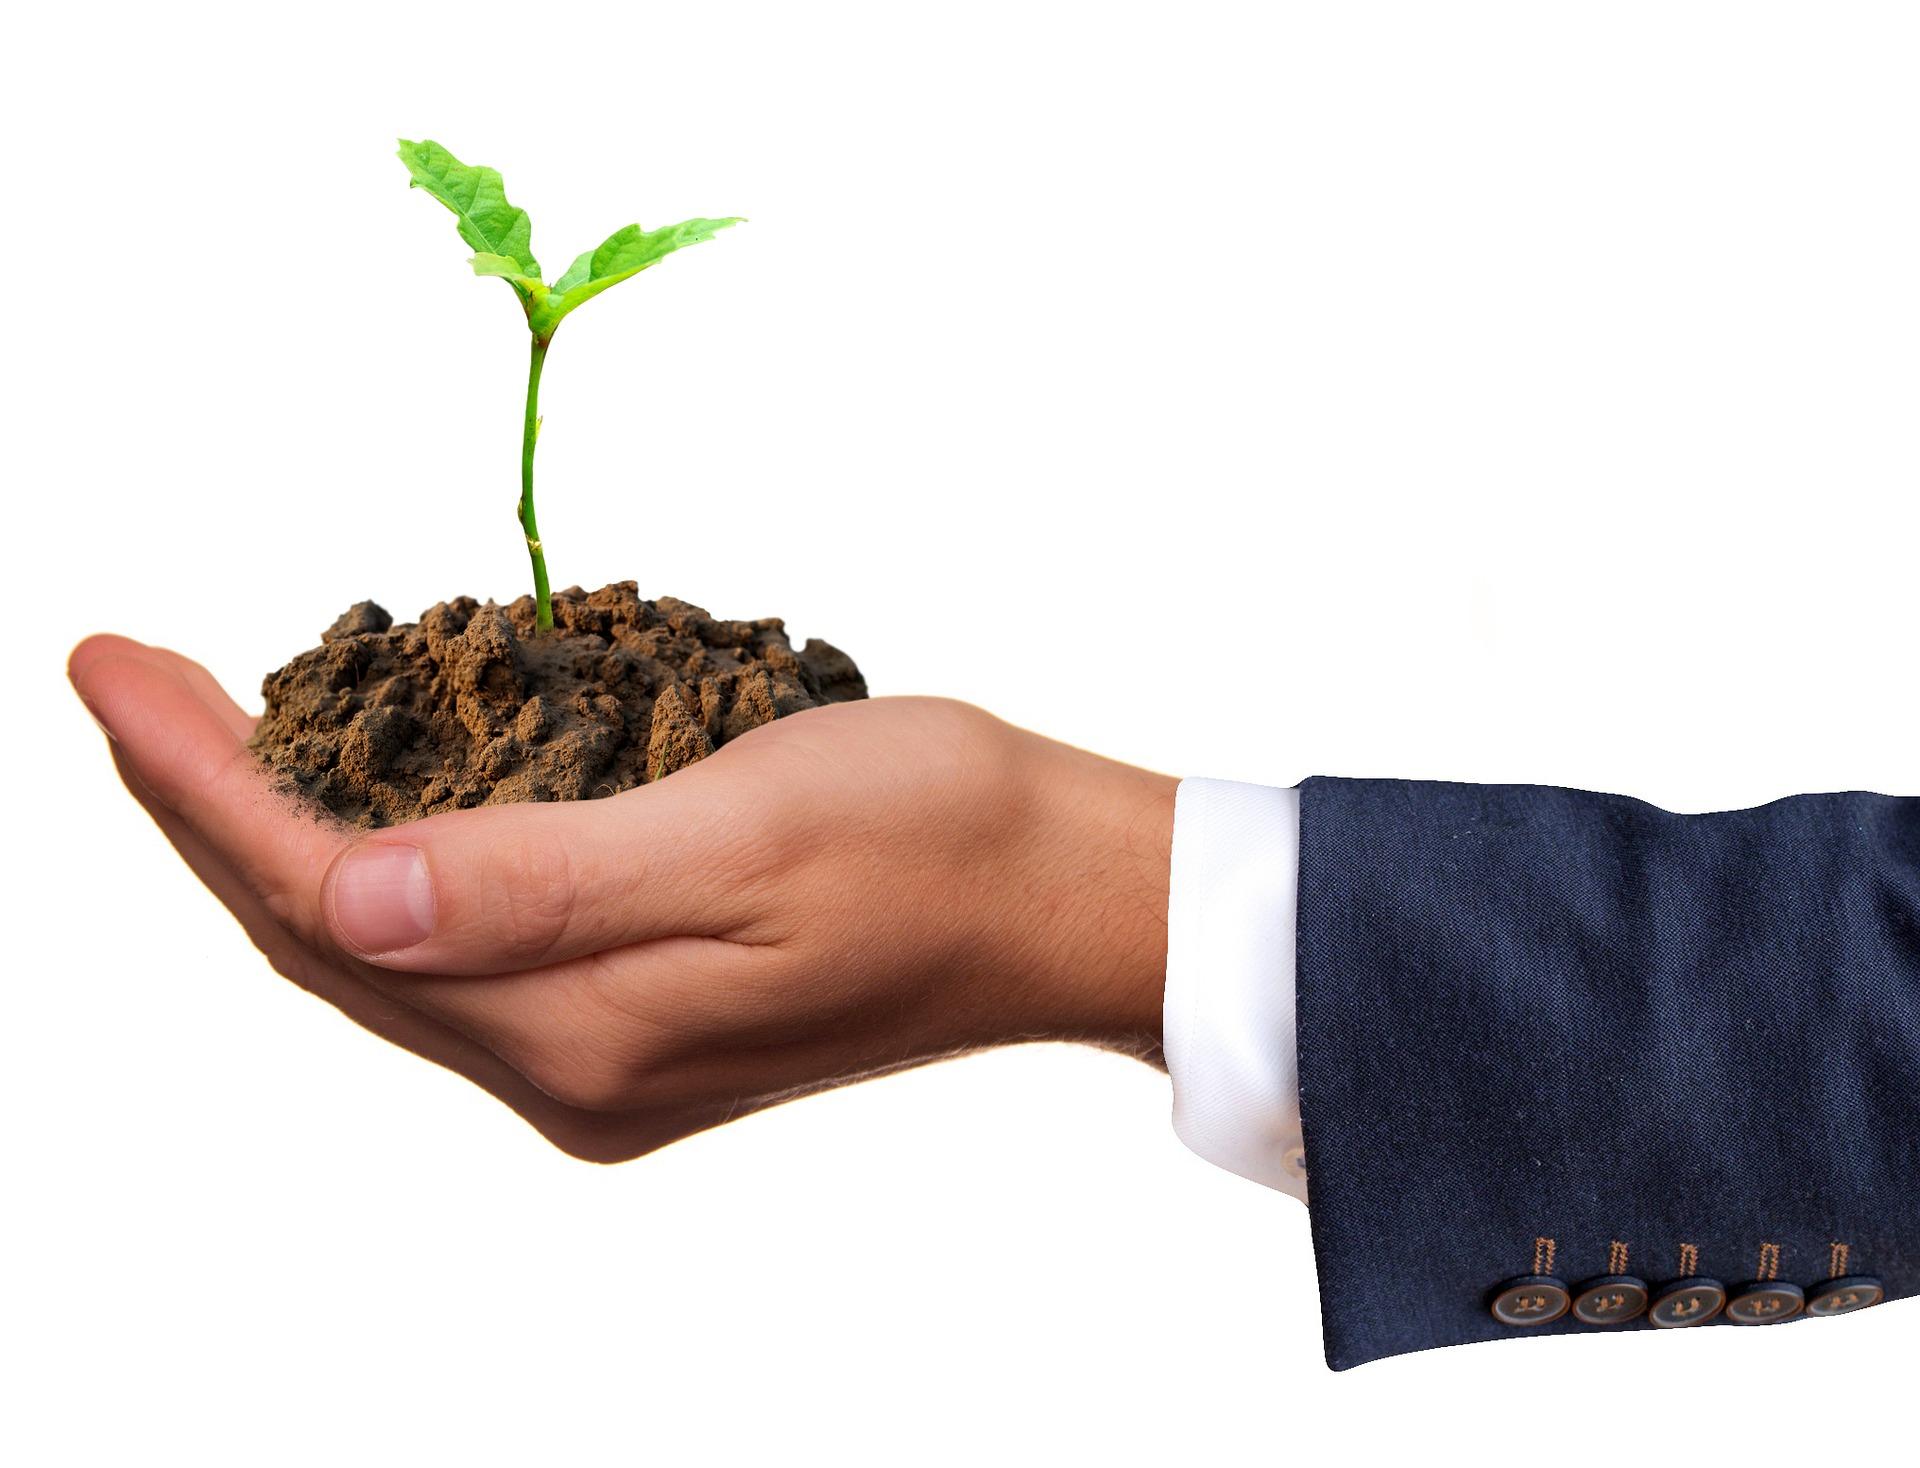 2018 wird ein ereignisreiches Jahr im grünen Finanzsektor Foto: Pixabay